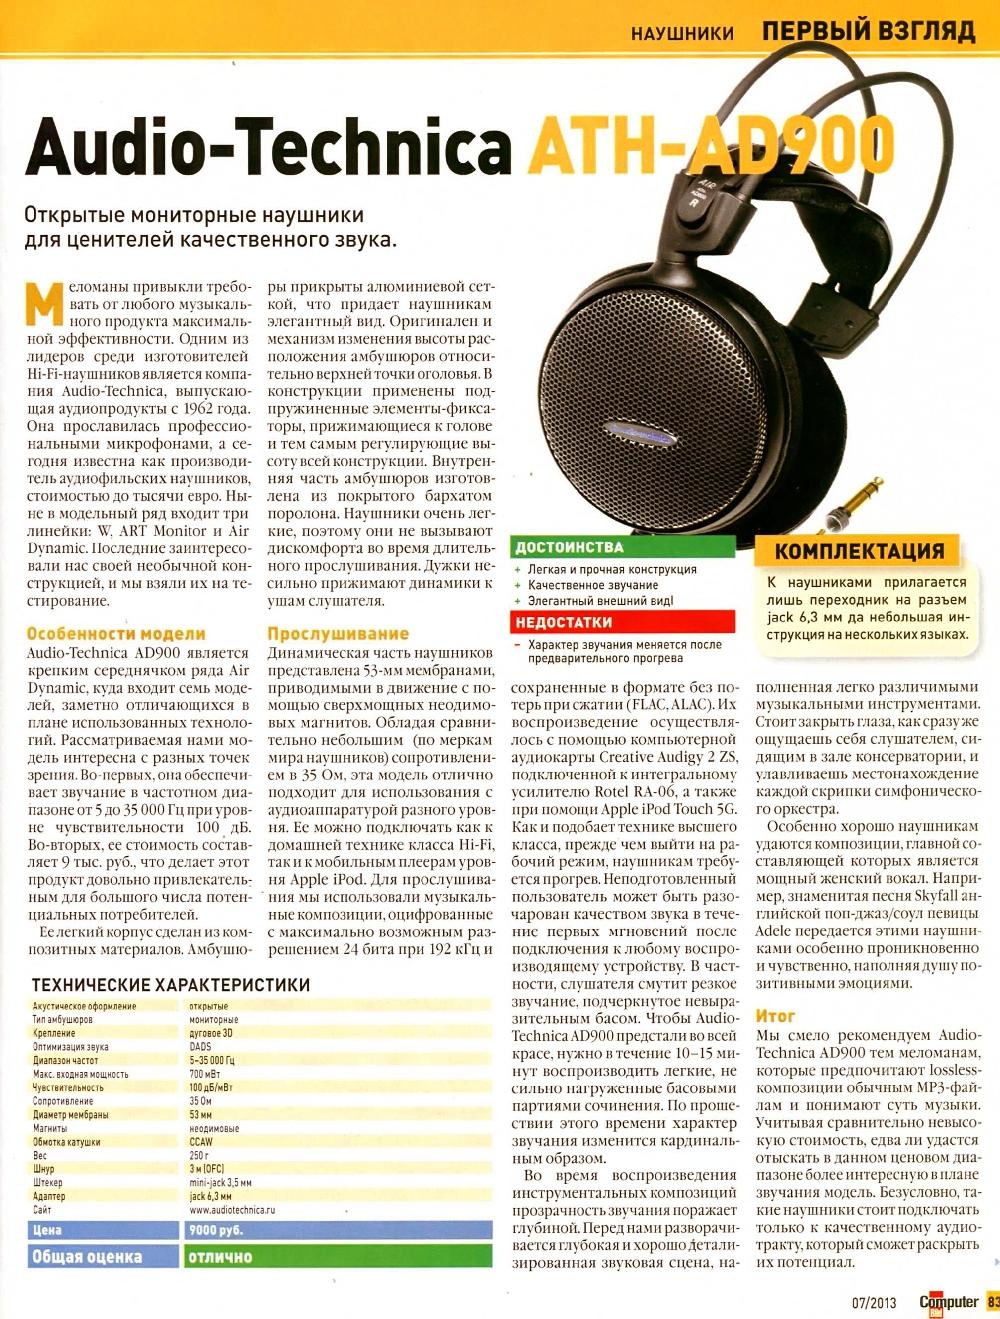 http://s6.hostingkartinok.com/uploads/images/2013/09/0121f1694090ada0a612c47b9f2a83db.jpg